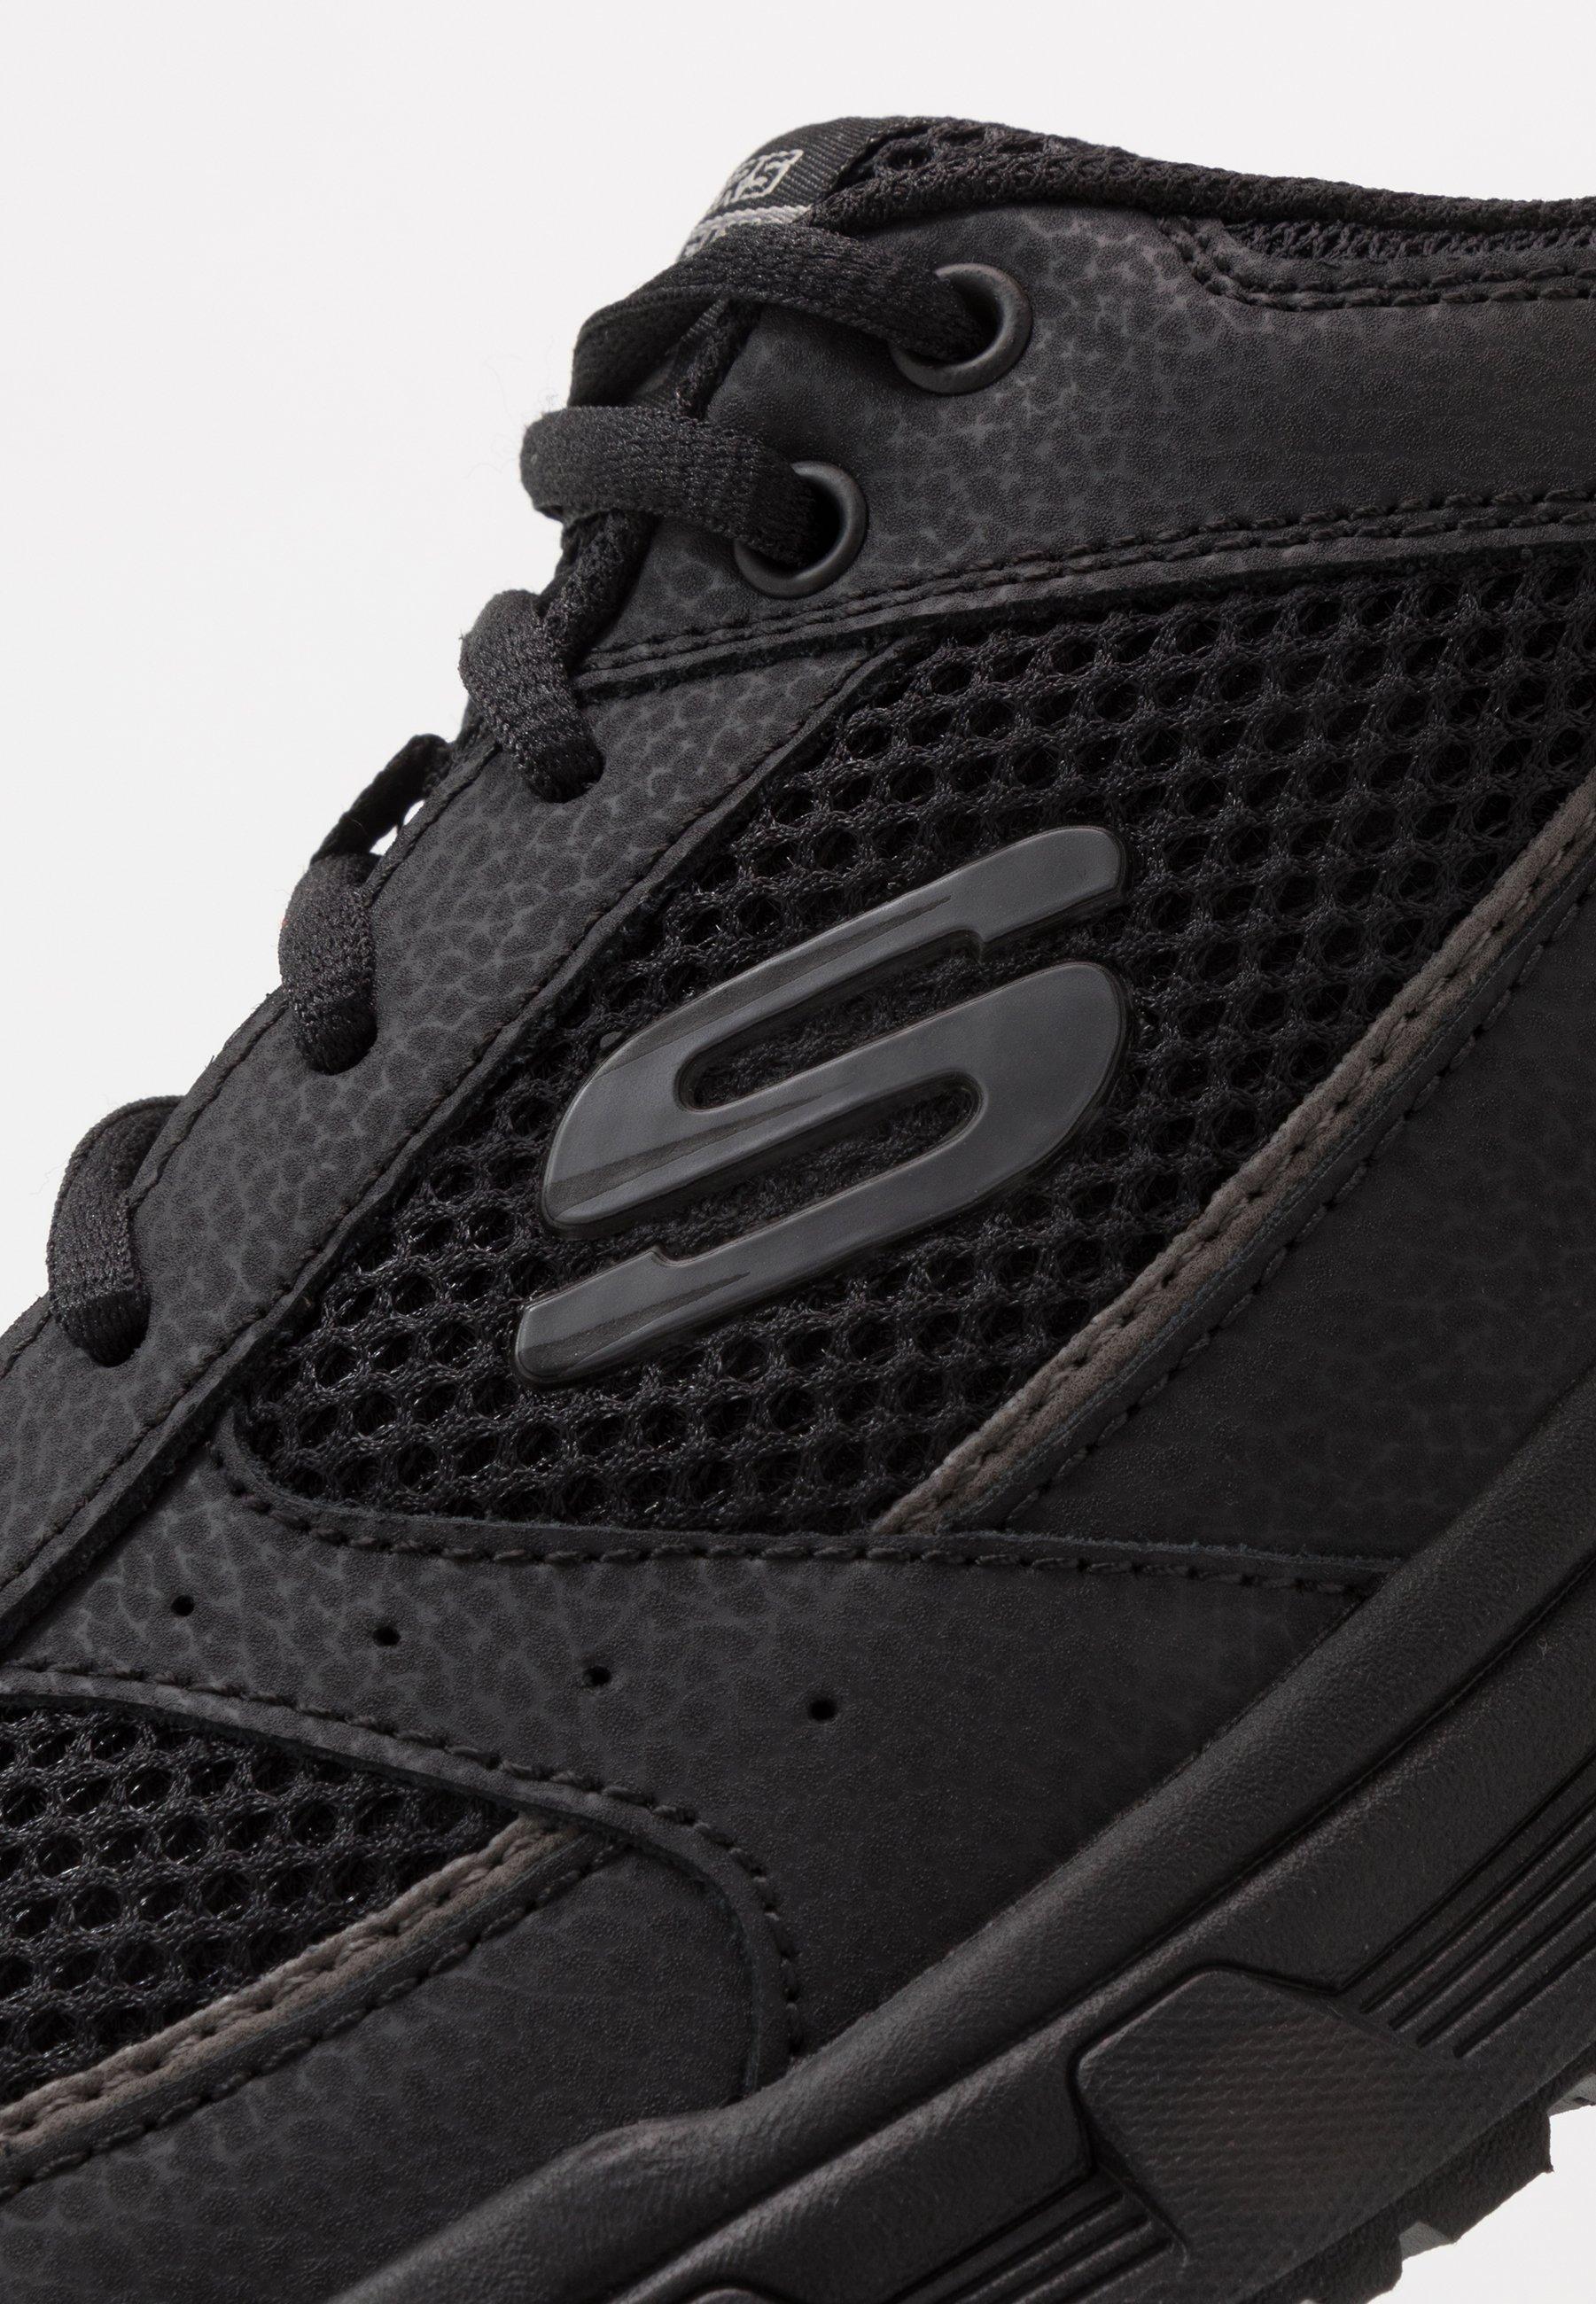 Skechers Oak Canyon - Sneakers Laag Black Goedkope Schoenen